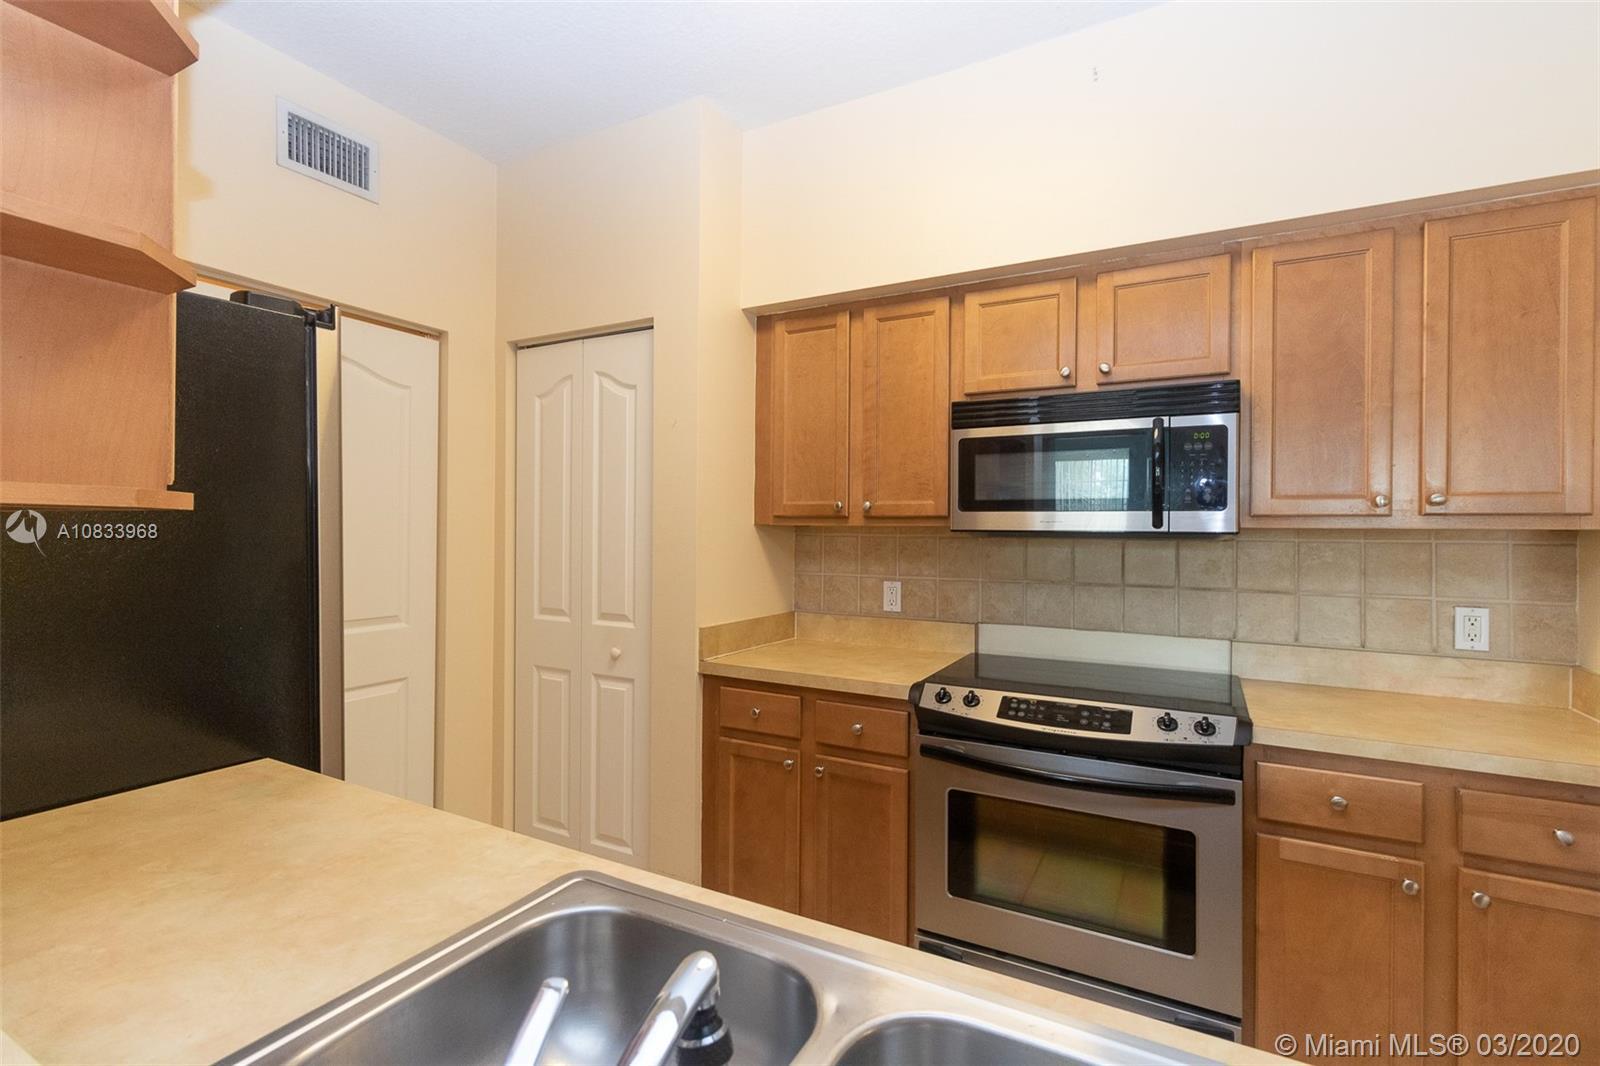 9901 Baywinds Dr #3201, West Palm Beach, FL 33411 - West Palm Beach, FL real estate listing